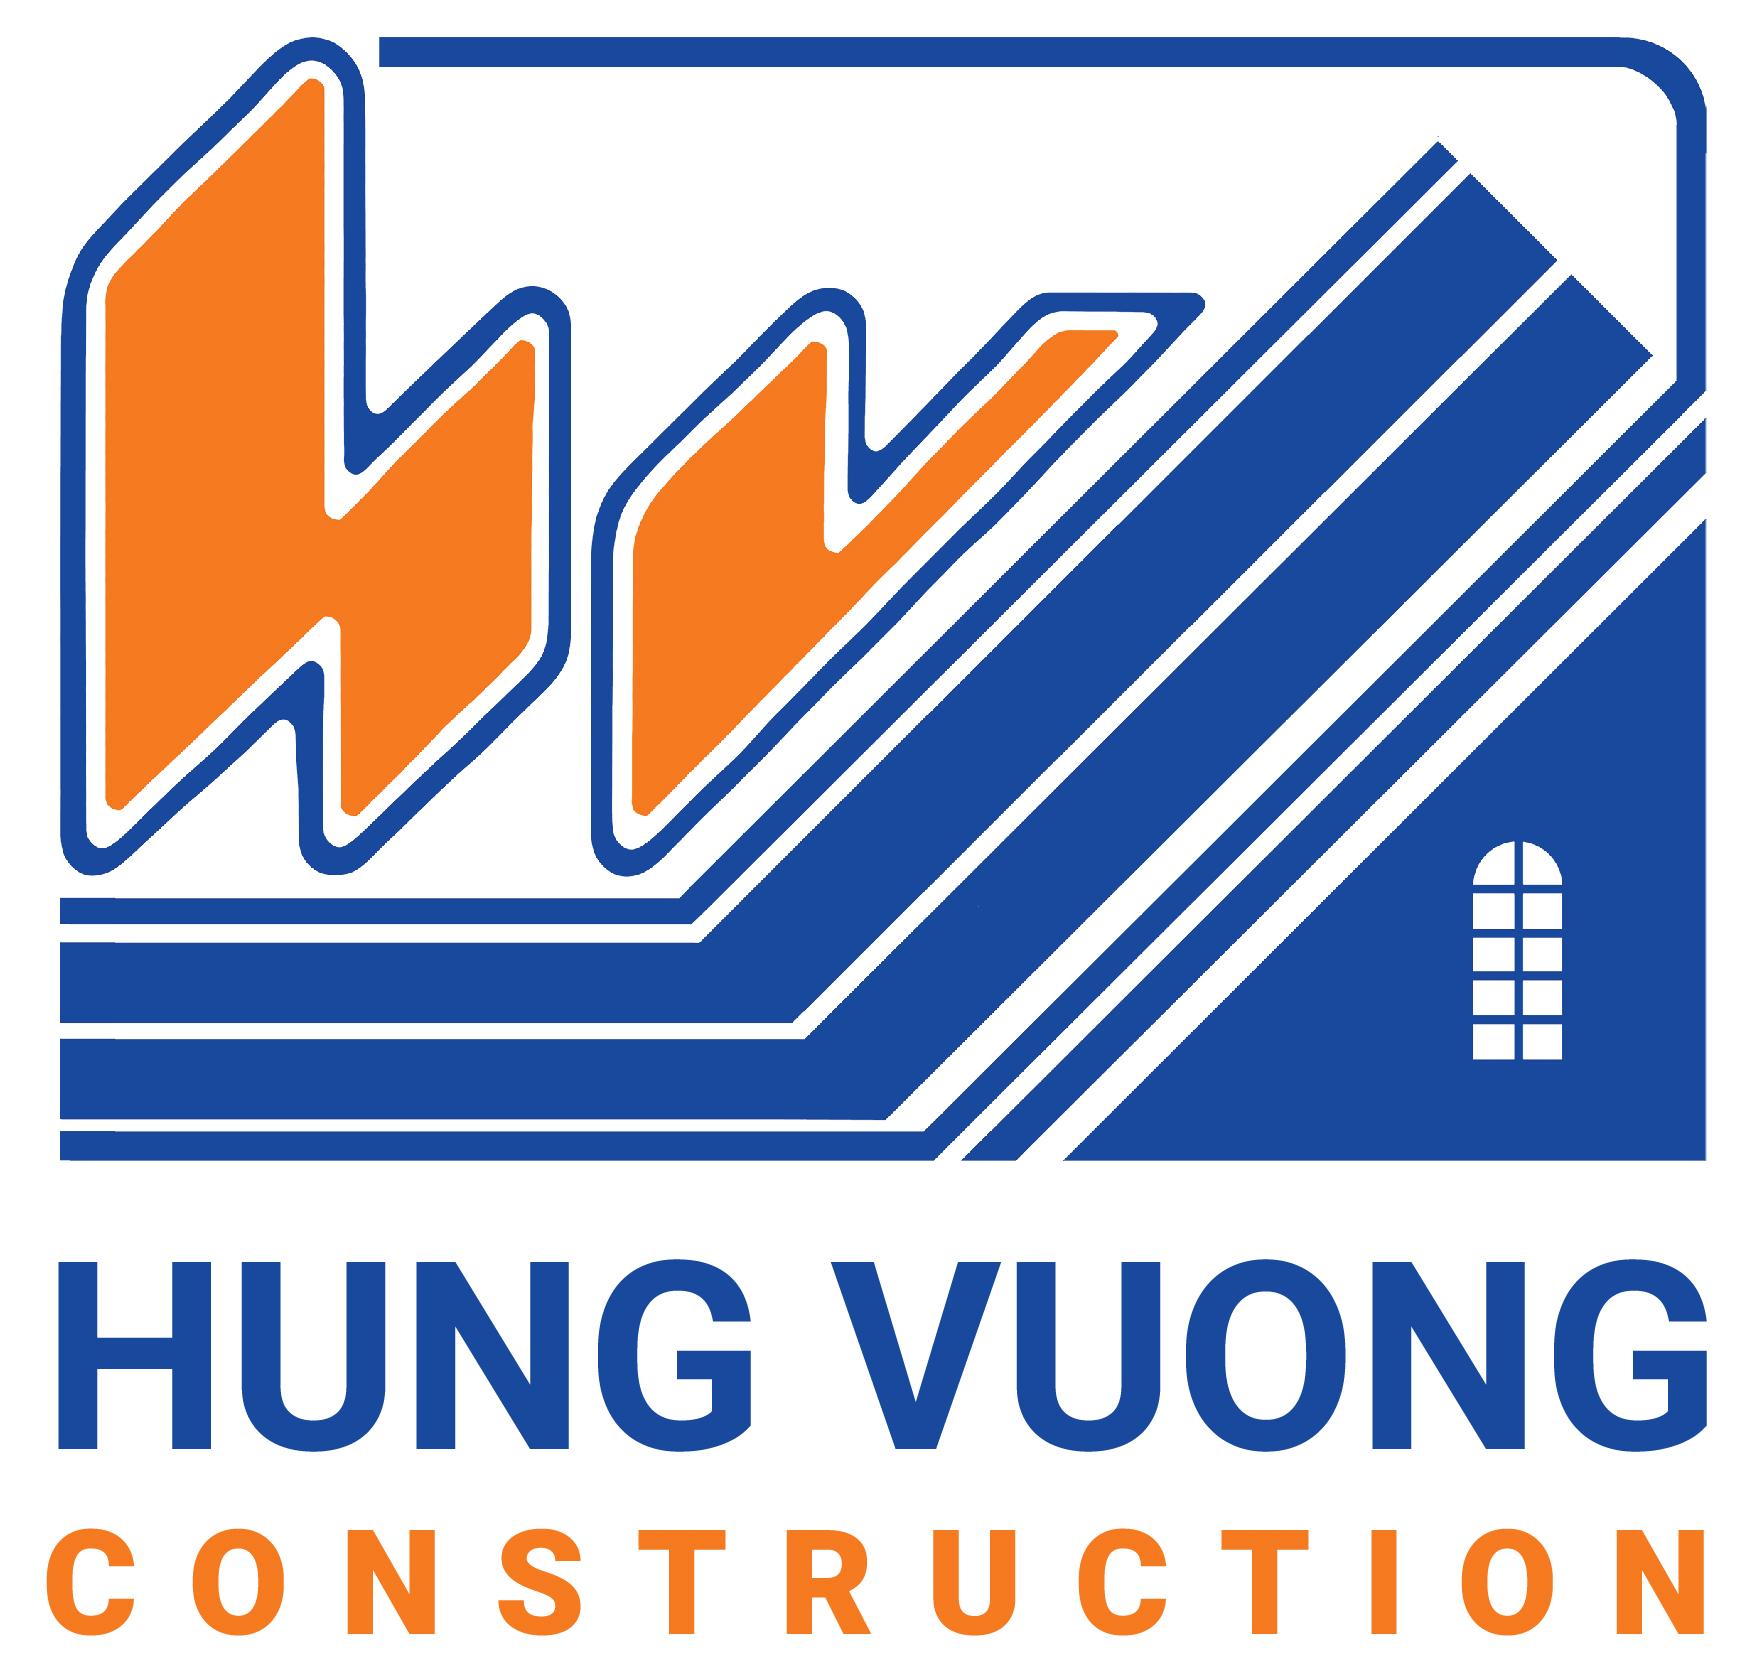 TUyển Kỹ sư cơ khí làm việc tại KCN ĐỒng Xoài I, ấp 4, Tân Thành, Đồng Xoài, Bình Phước. lương từ 15 đến 20 triệu